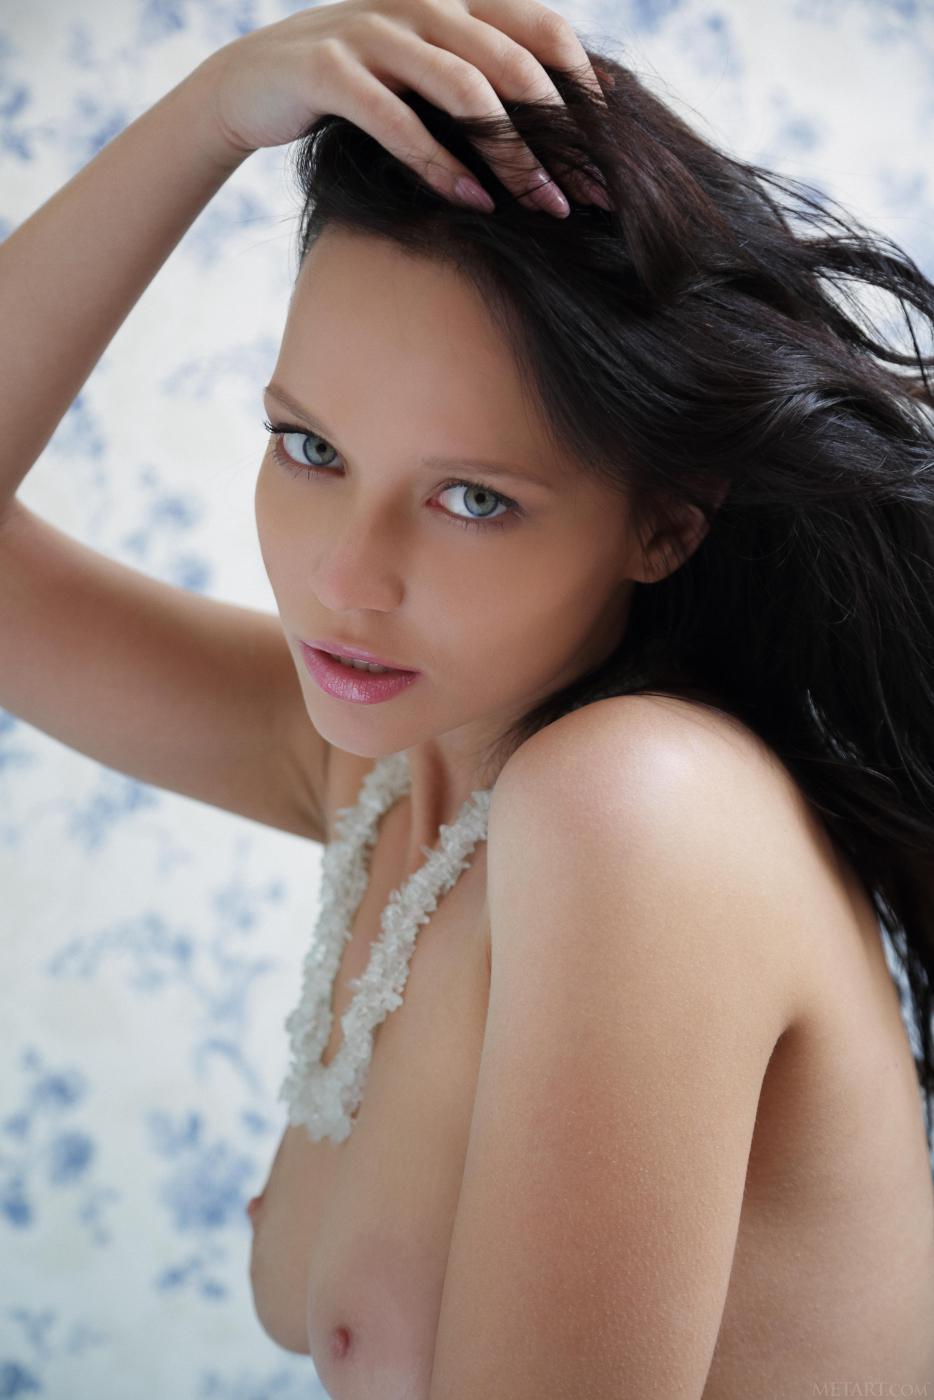 Шикарная русая порноактрисса Marica A демонстрирует свое молоденькое тело голой